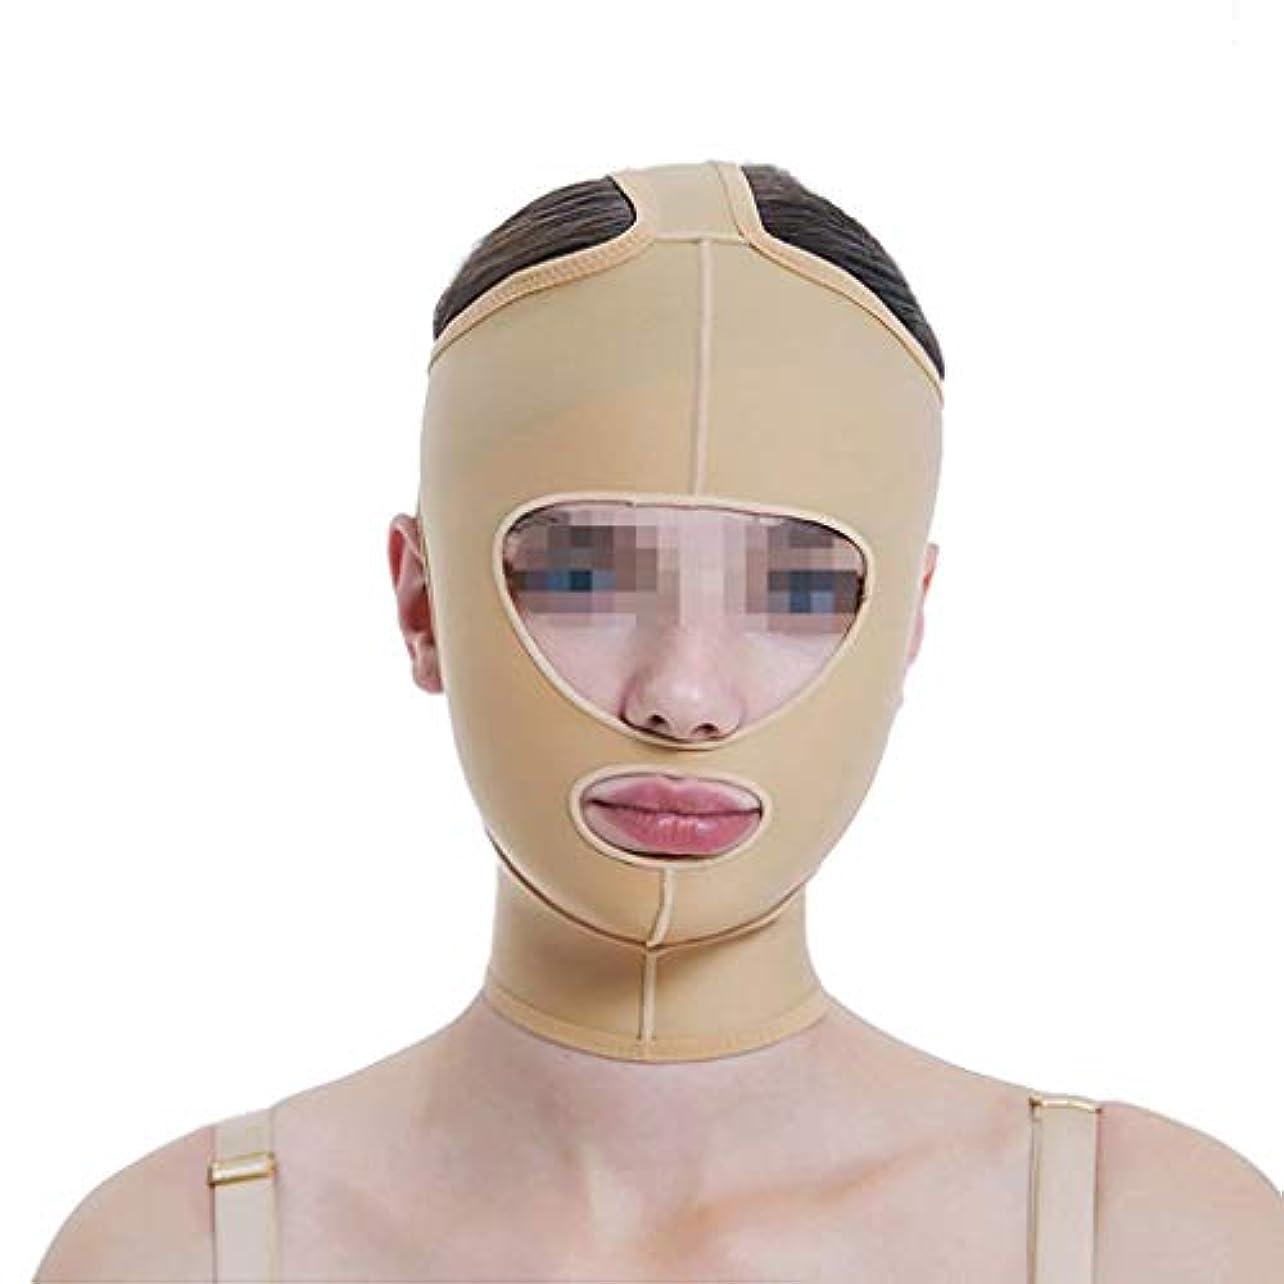 櫛祭り物理学者フェイスリフトマスク、ラインカービングフェイスエラスティックセットシンダブルチンVフェイスビームフェイスマルチサイズオプション(サイズ:XS)